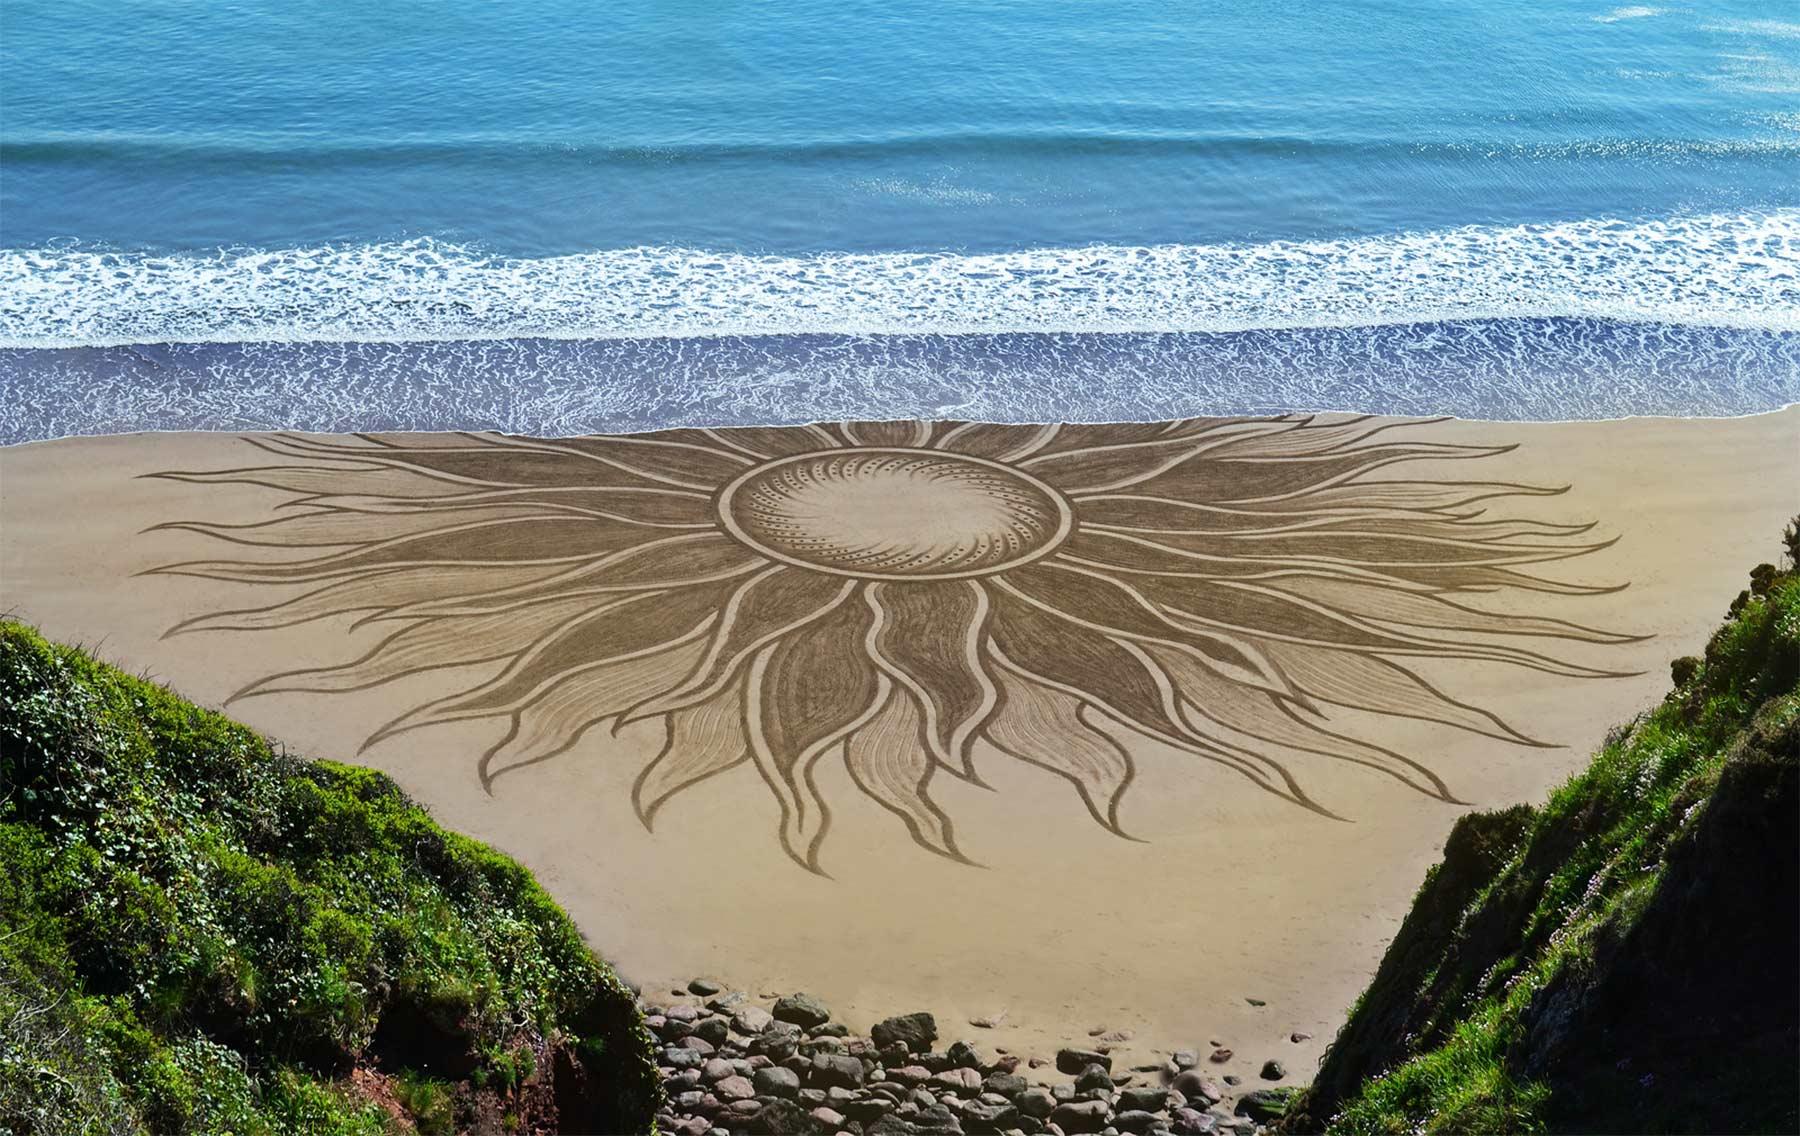 Musterlegekunst von Jon Foreman jon-foreman_sculpt-the-world_steinmuster_11